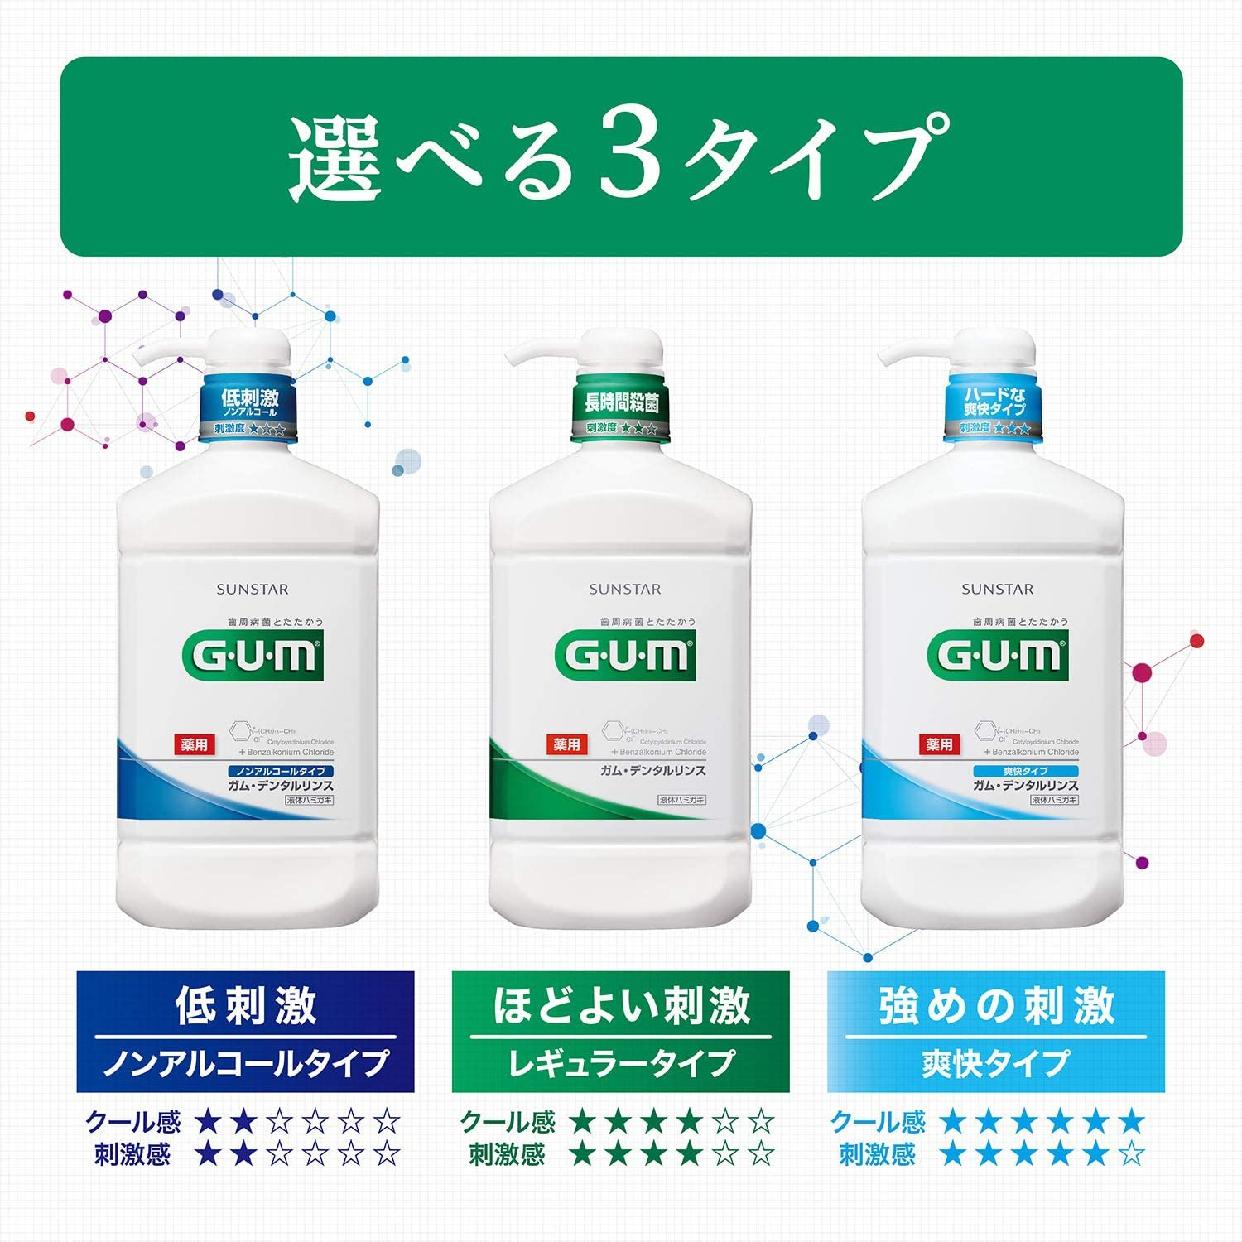 GUM(ガム) デンタルリンス(レギュラータイプ)の商品画像5